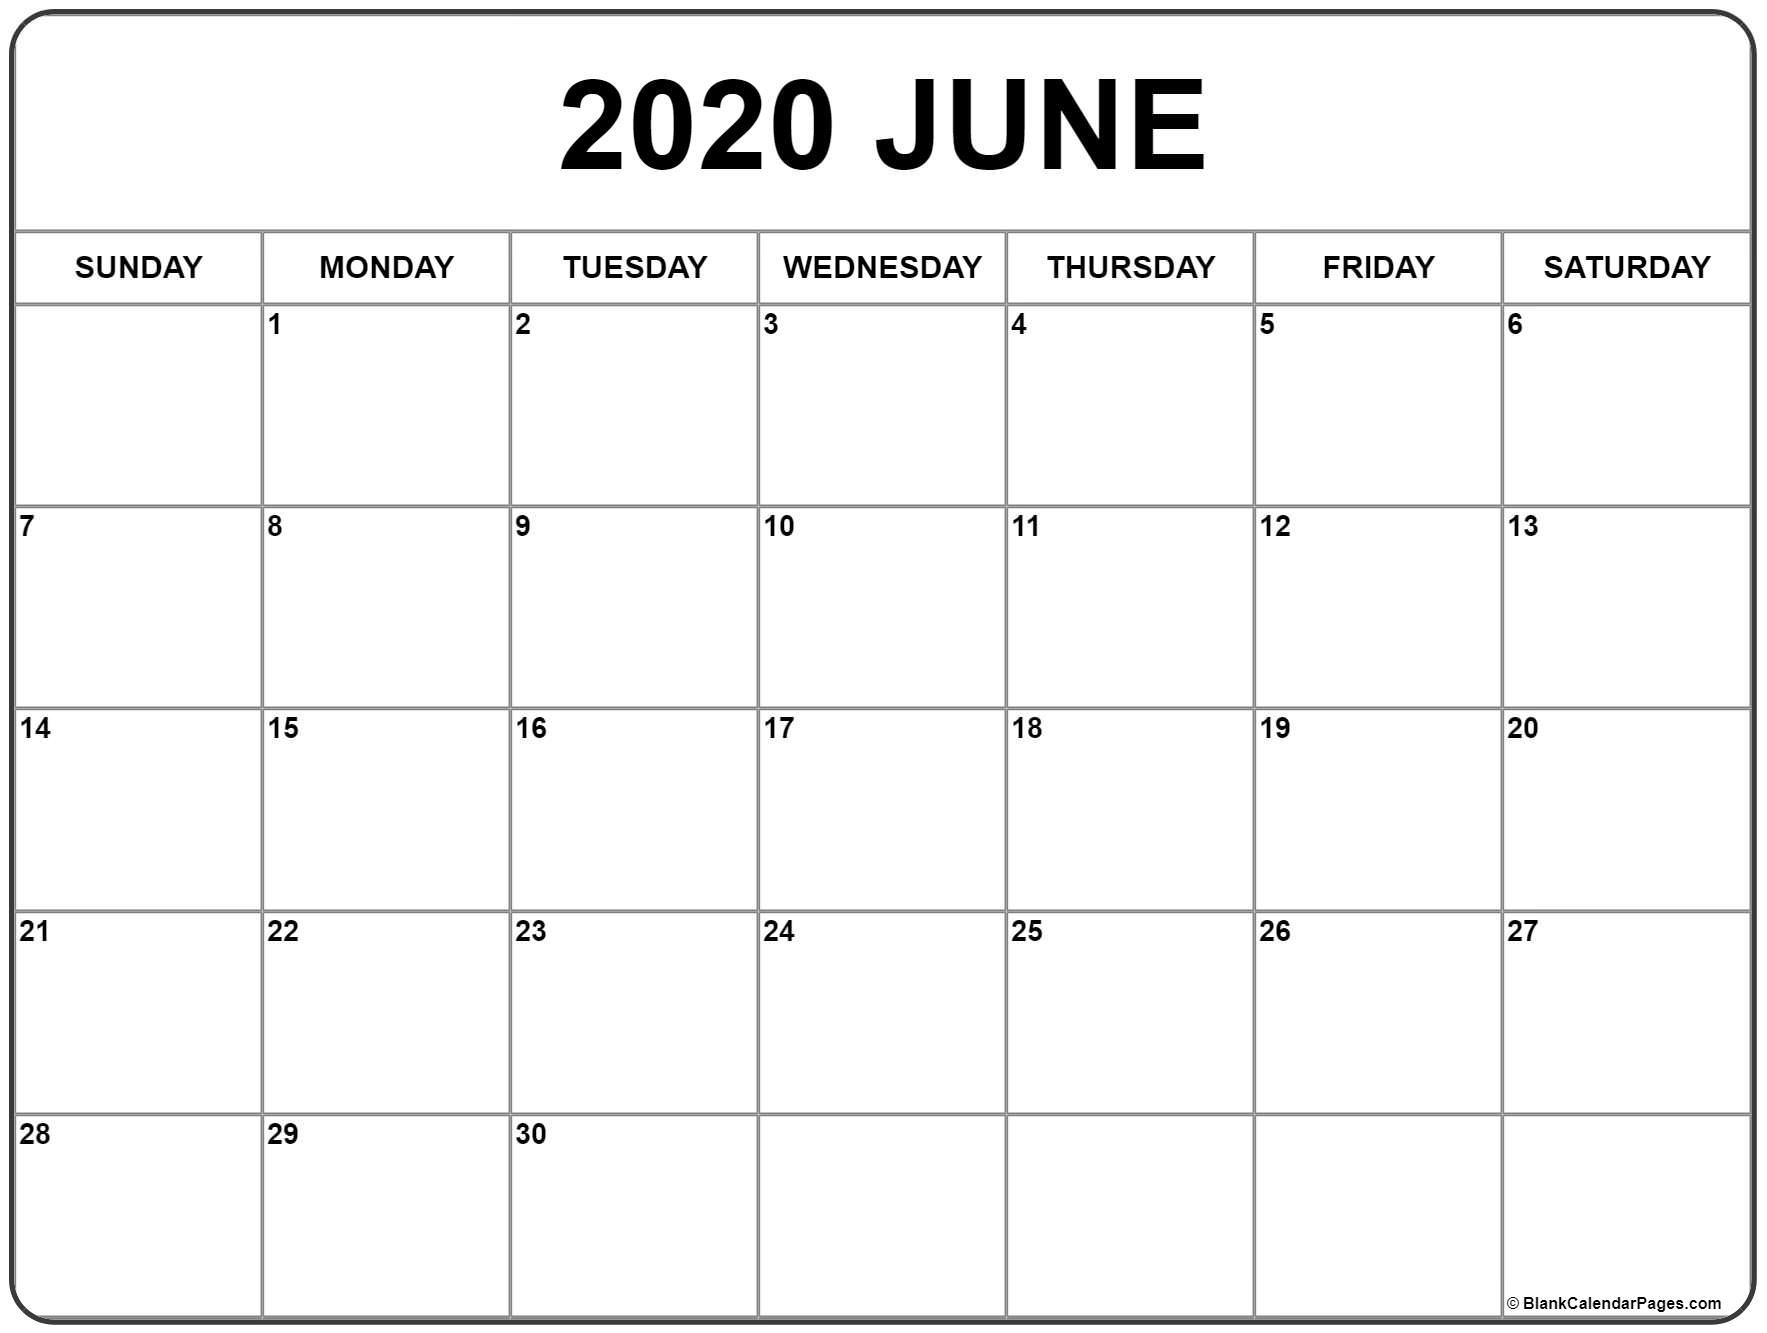 Calendars Michel Zbinden 2020 | Calendar For Planning inside Calendars Michel Zbinden